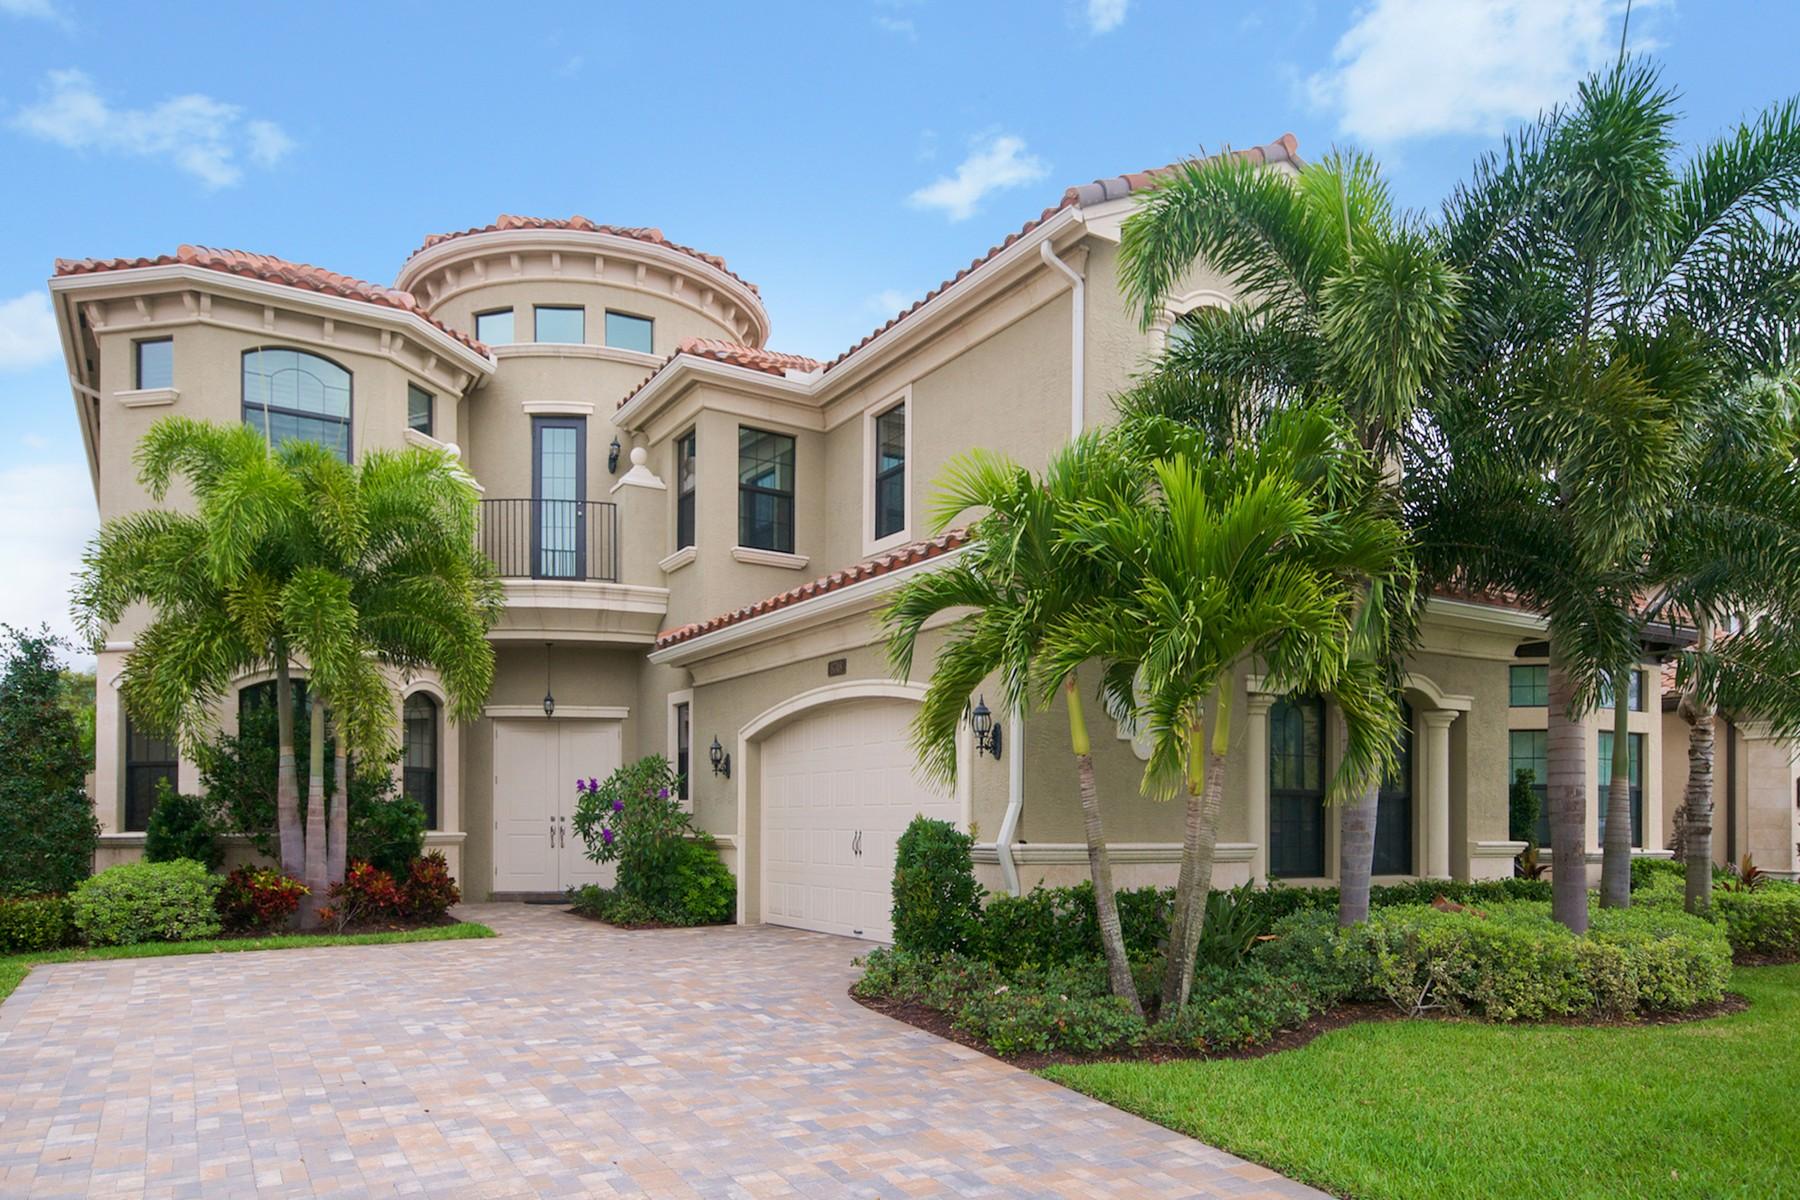 Maison unifamiliale pour l Vente à 8748 Lewis River Rd , Delray Beach, FL 33446 8748 Lewis River Rd Delray Beach, Florida, 33446 États-Unis